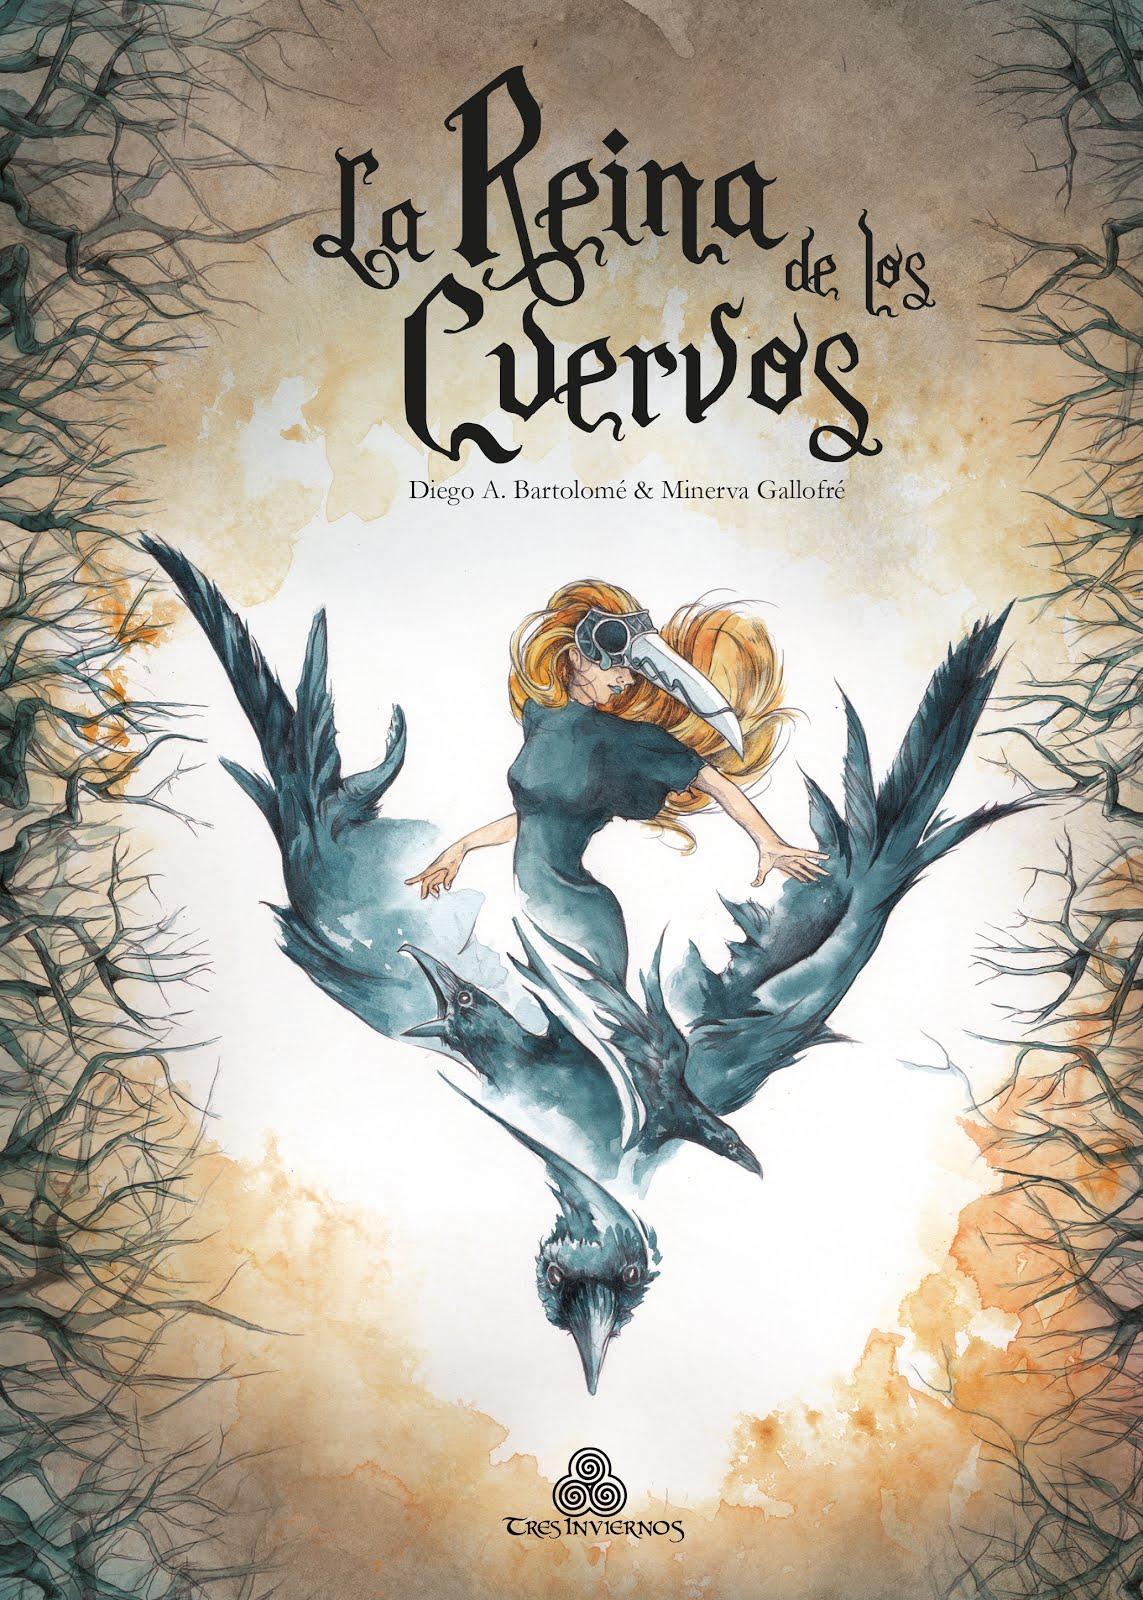 La Reina de los Cuervos